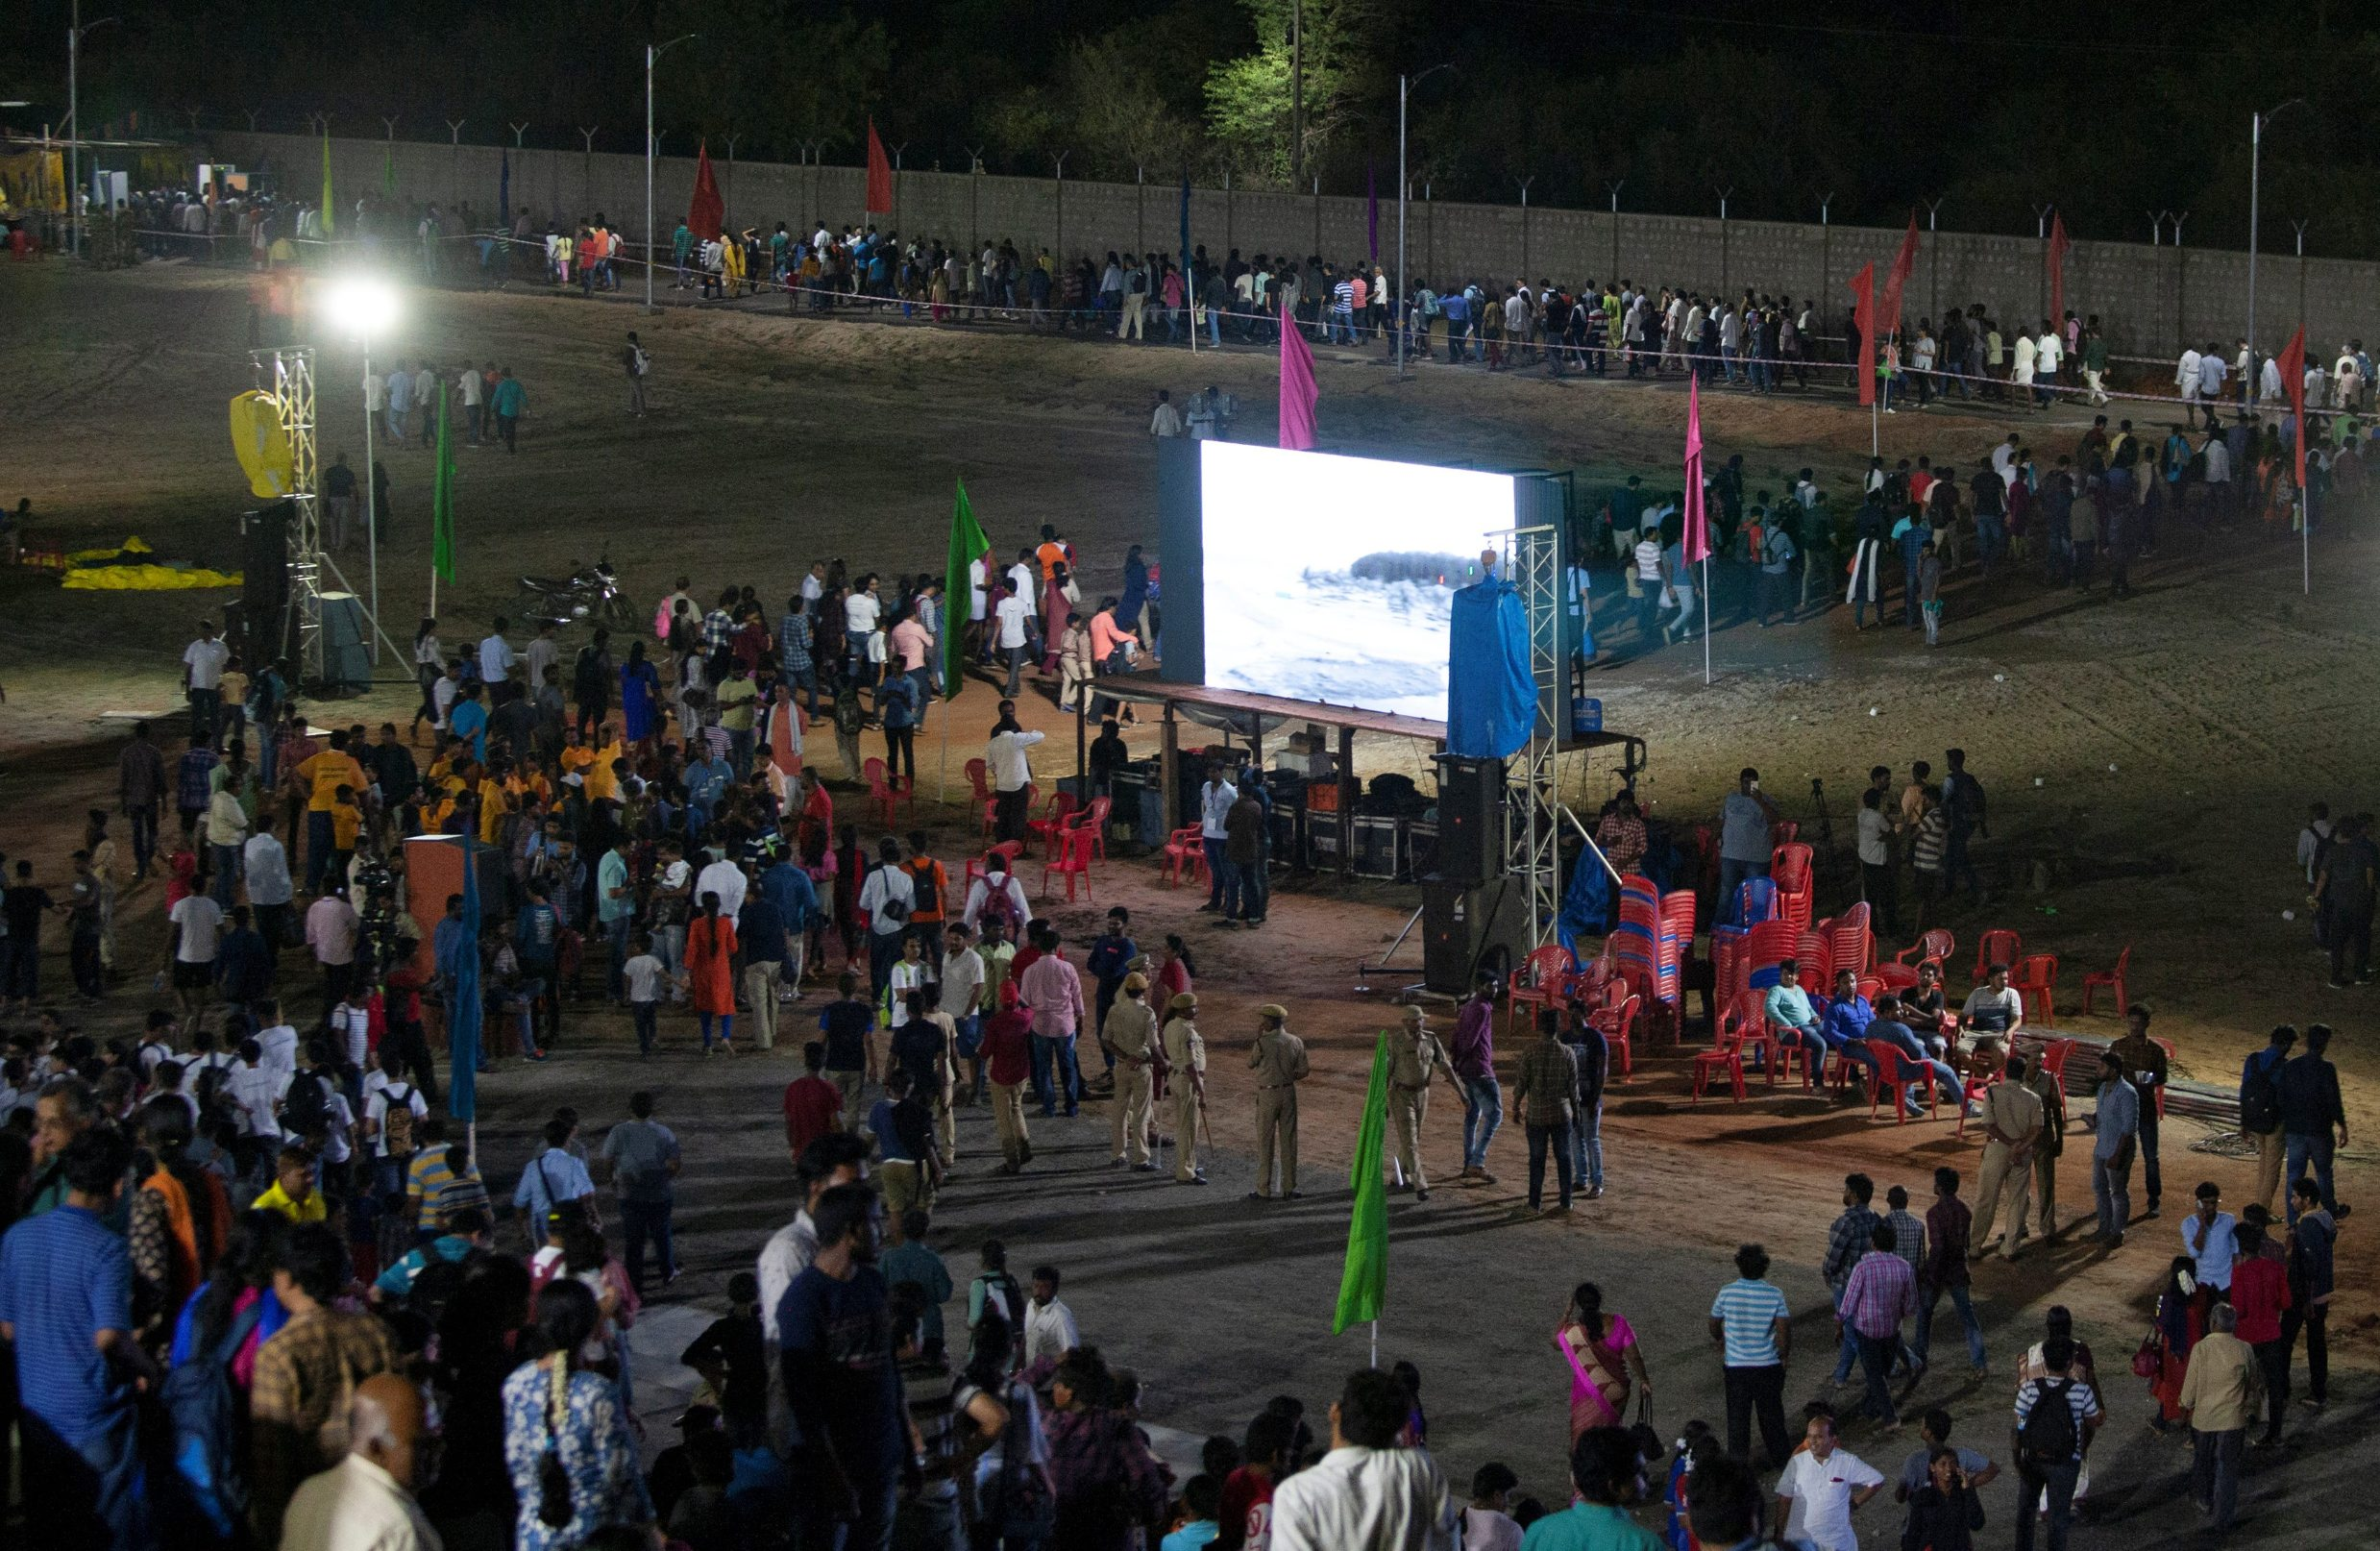 Nezadovoljni gledatelji u Sriharikoti nisu dočekali lansiranje Chandrayaan-2